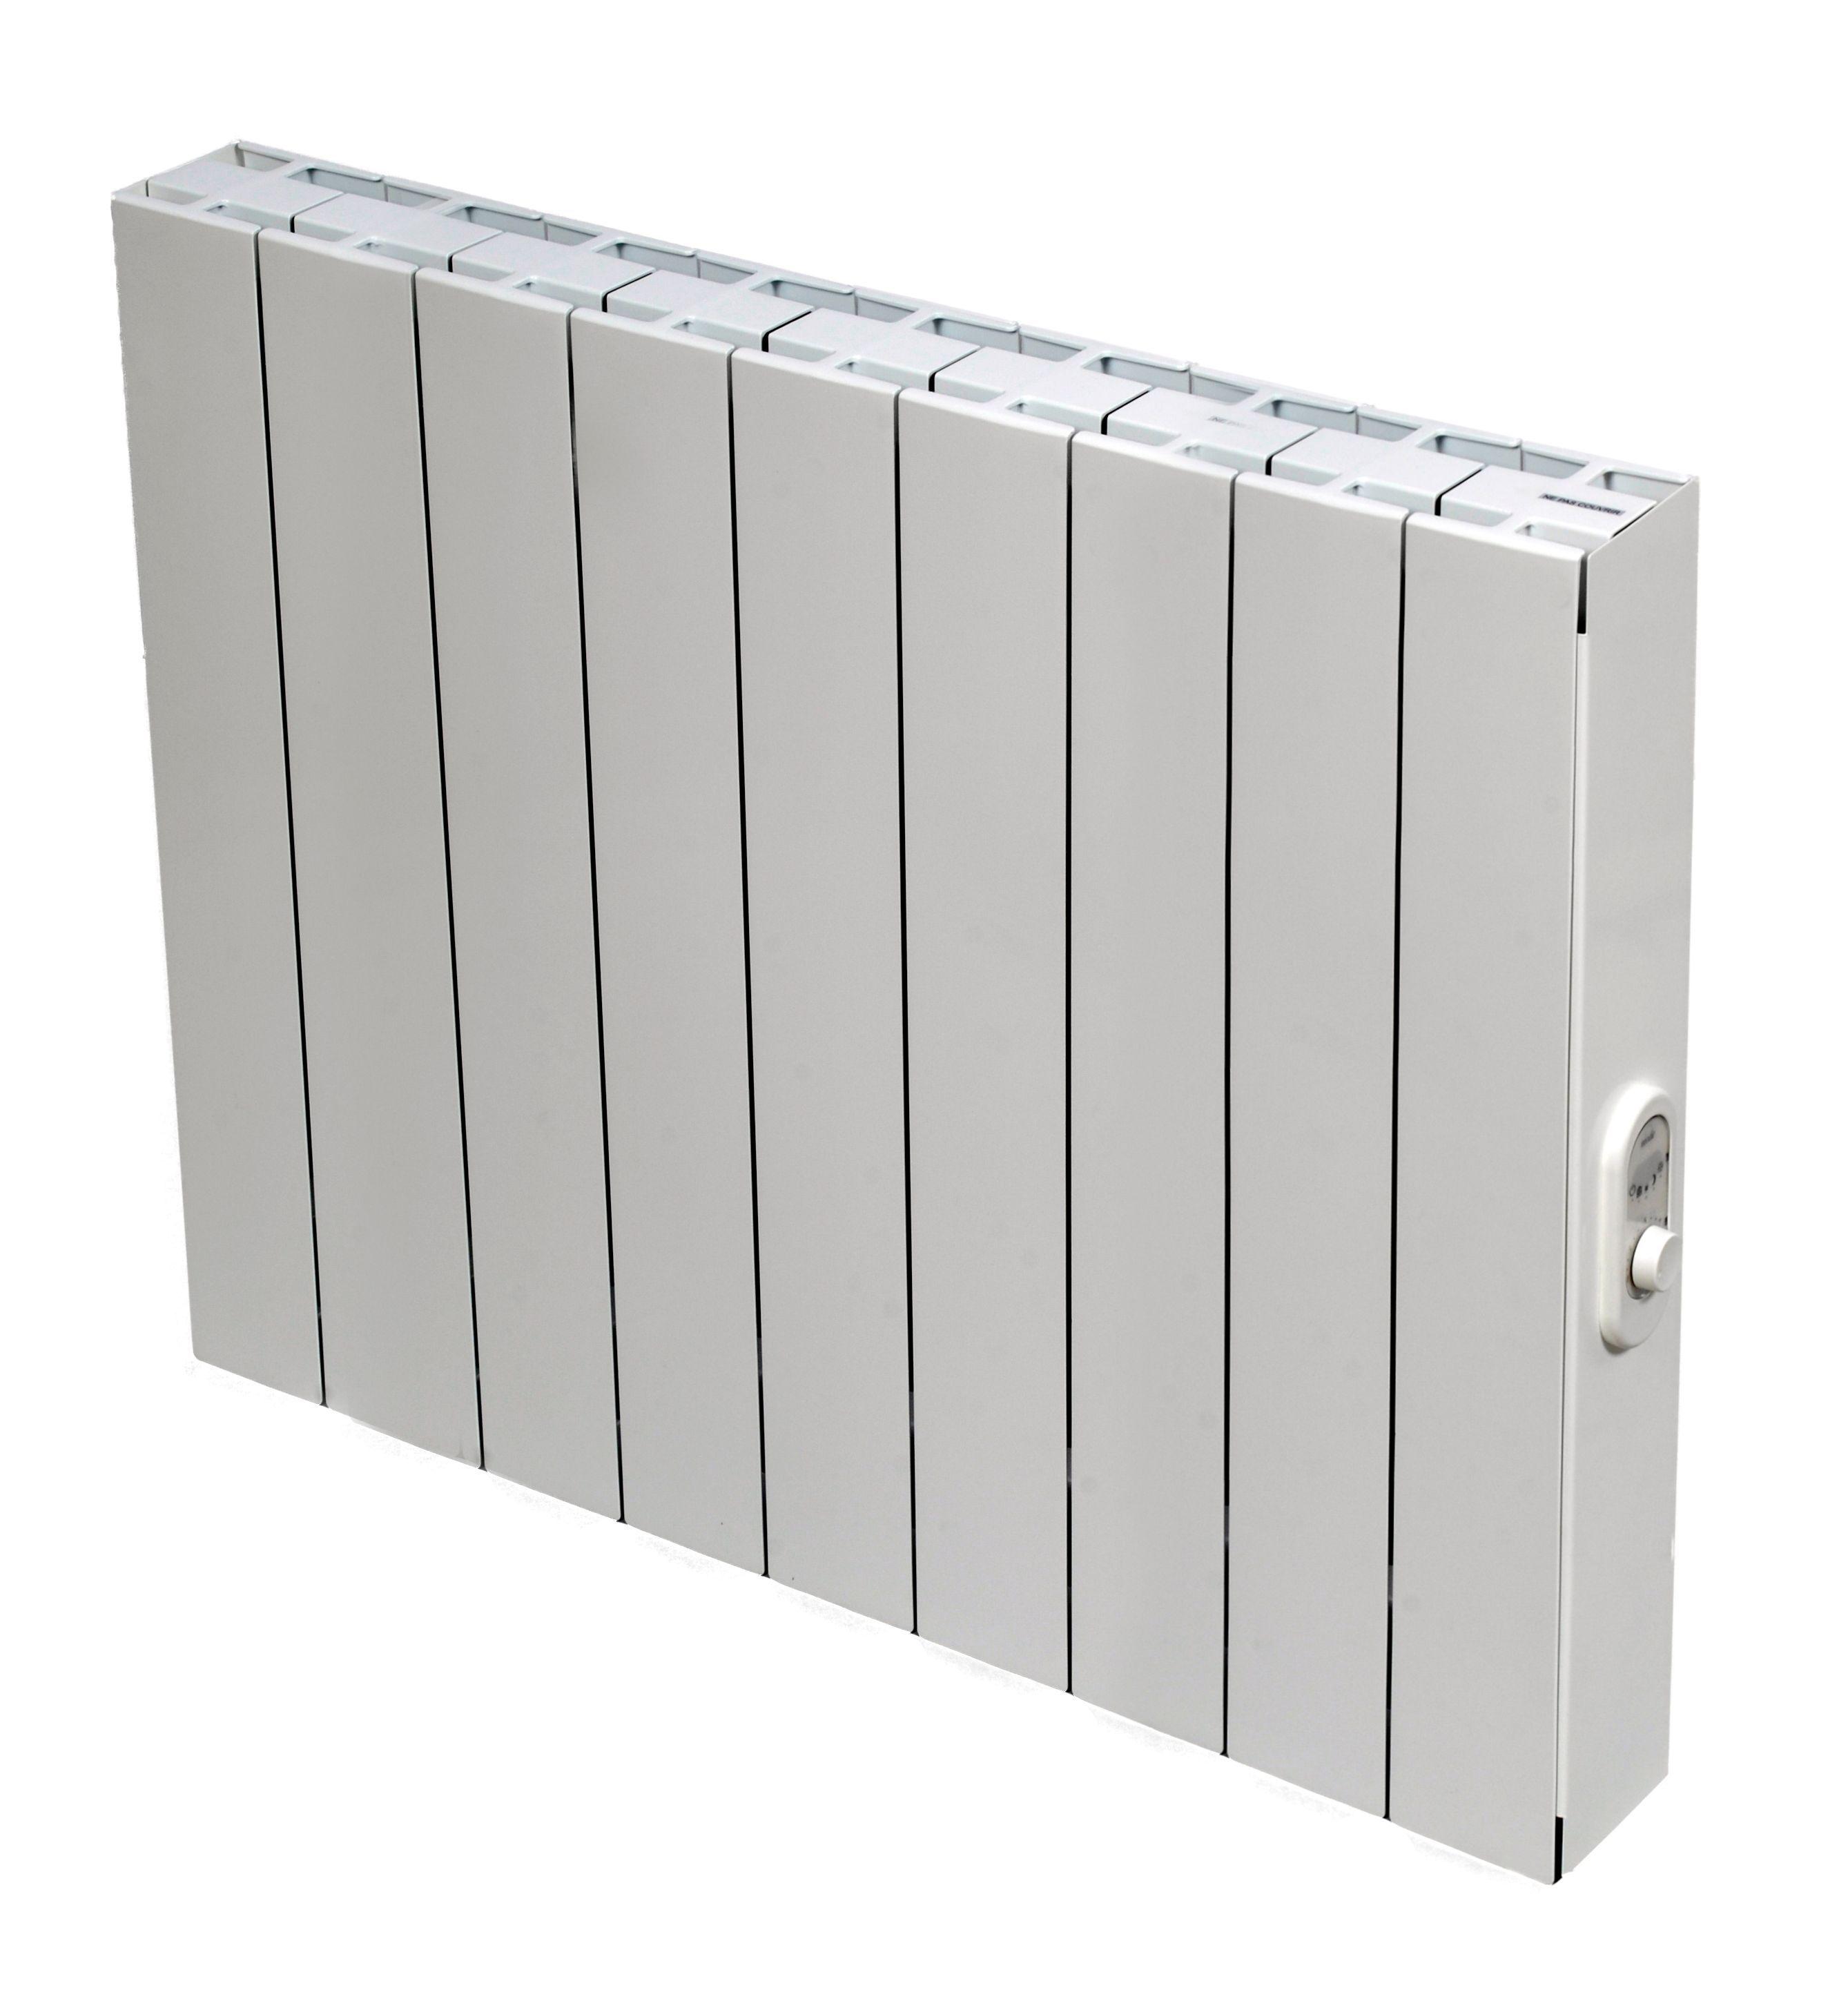 Blyss Electric 1500w White Thermostatic Radiator